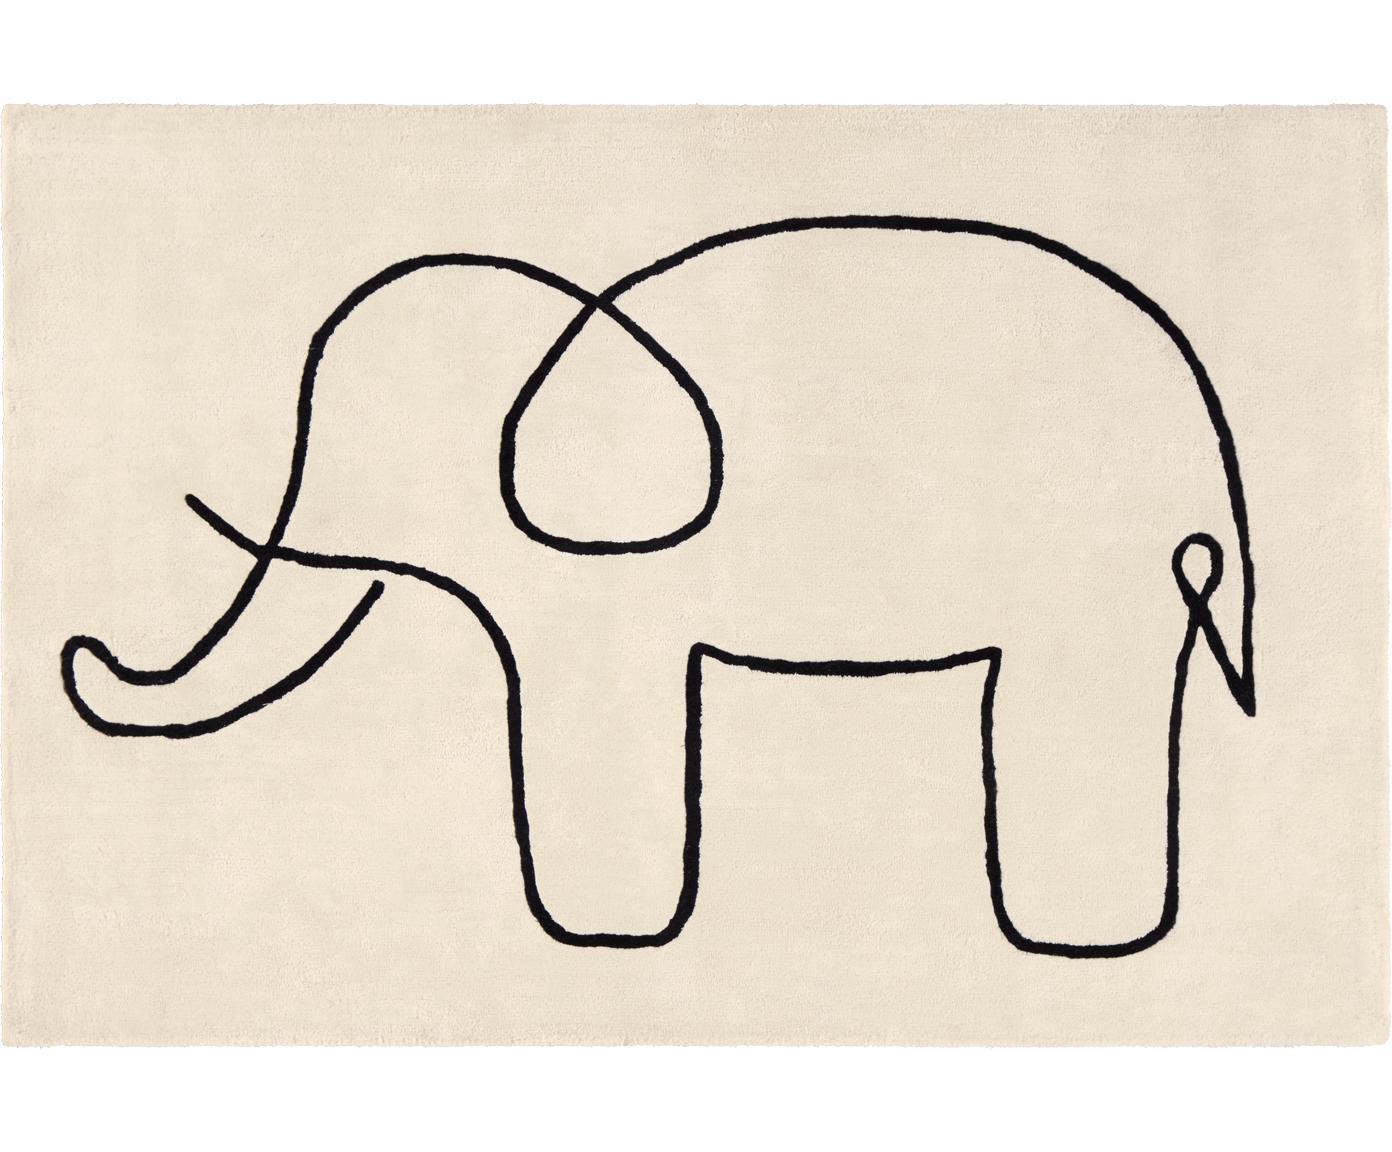 Vloerkleed Sketchy Elephant, Viscose, Gebroken wit, zwart, 130 x 190 cm